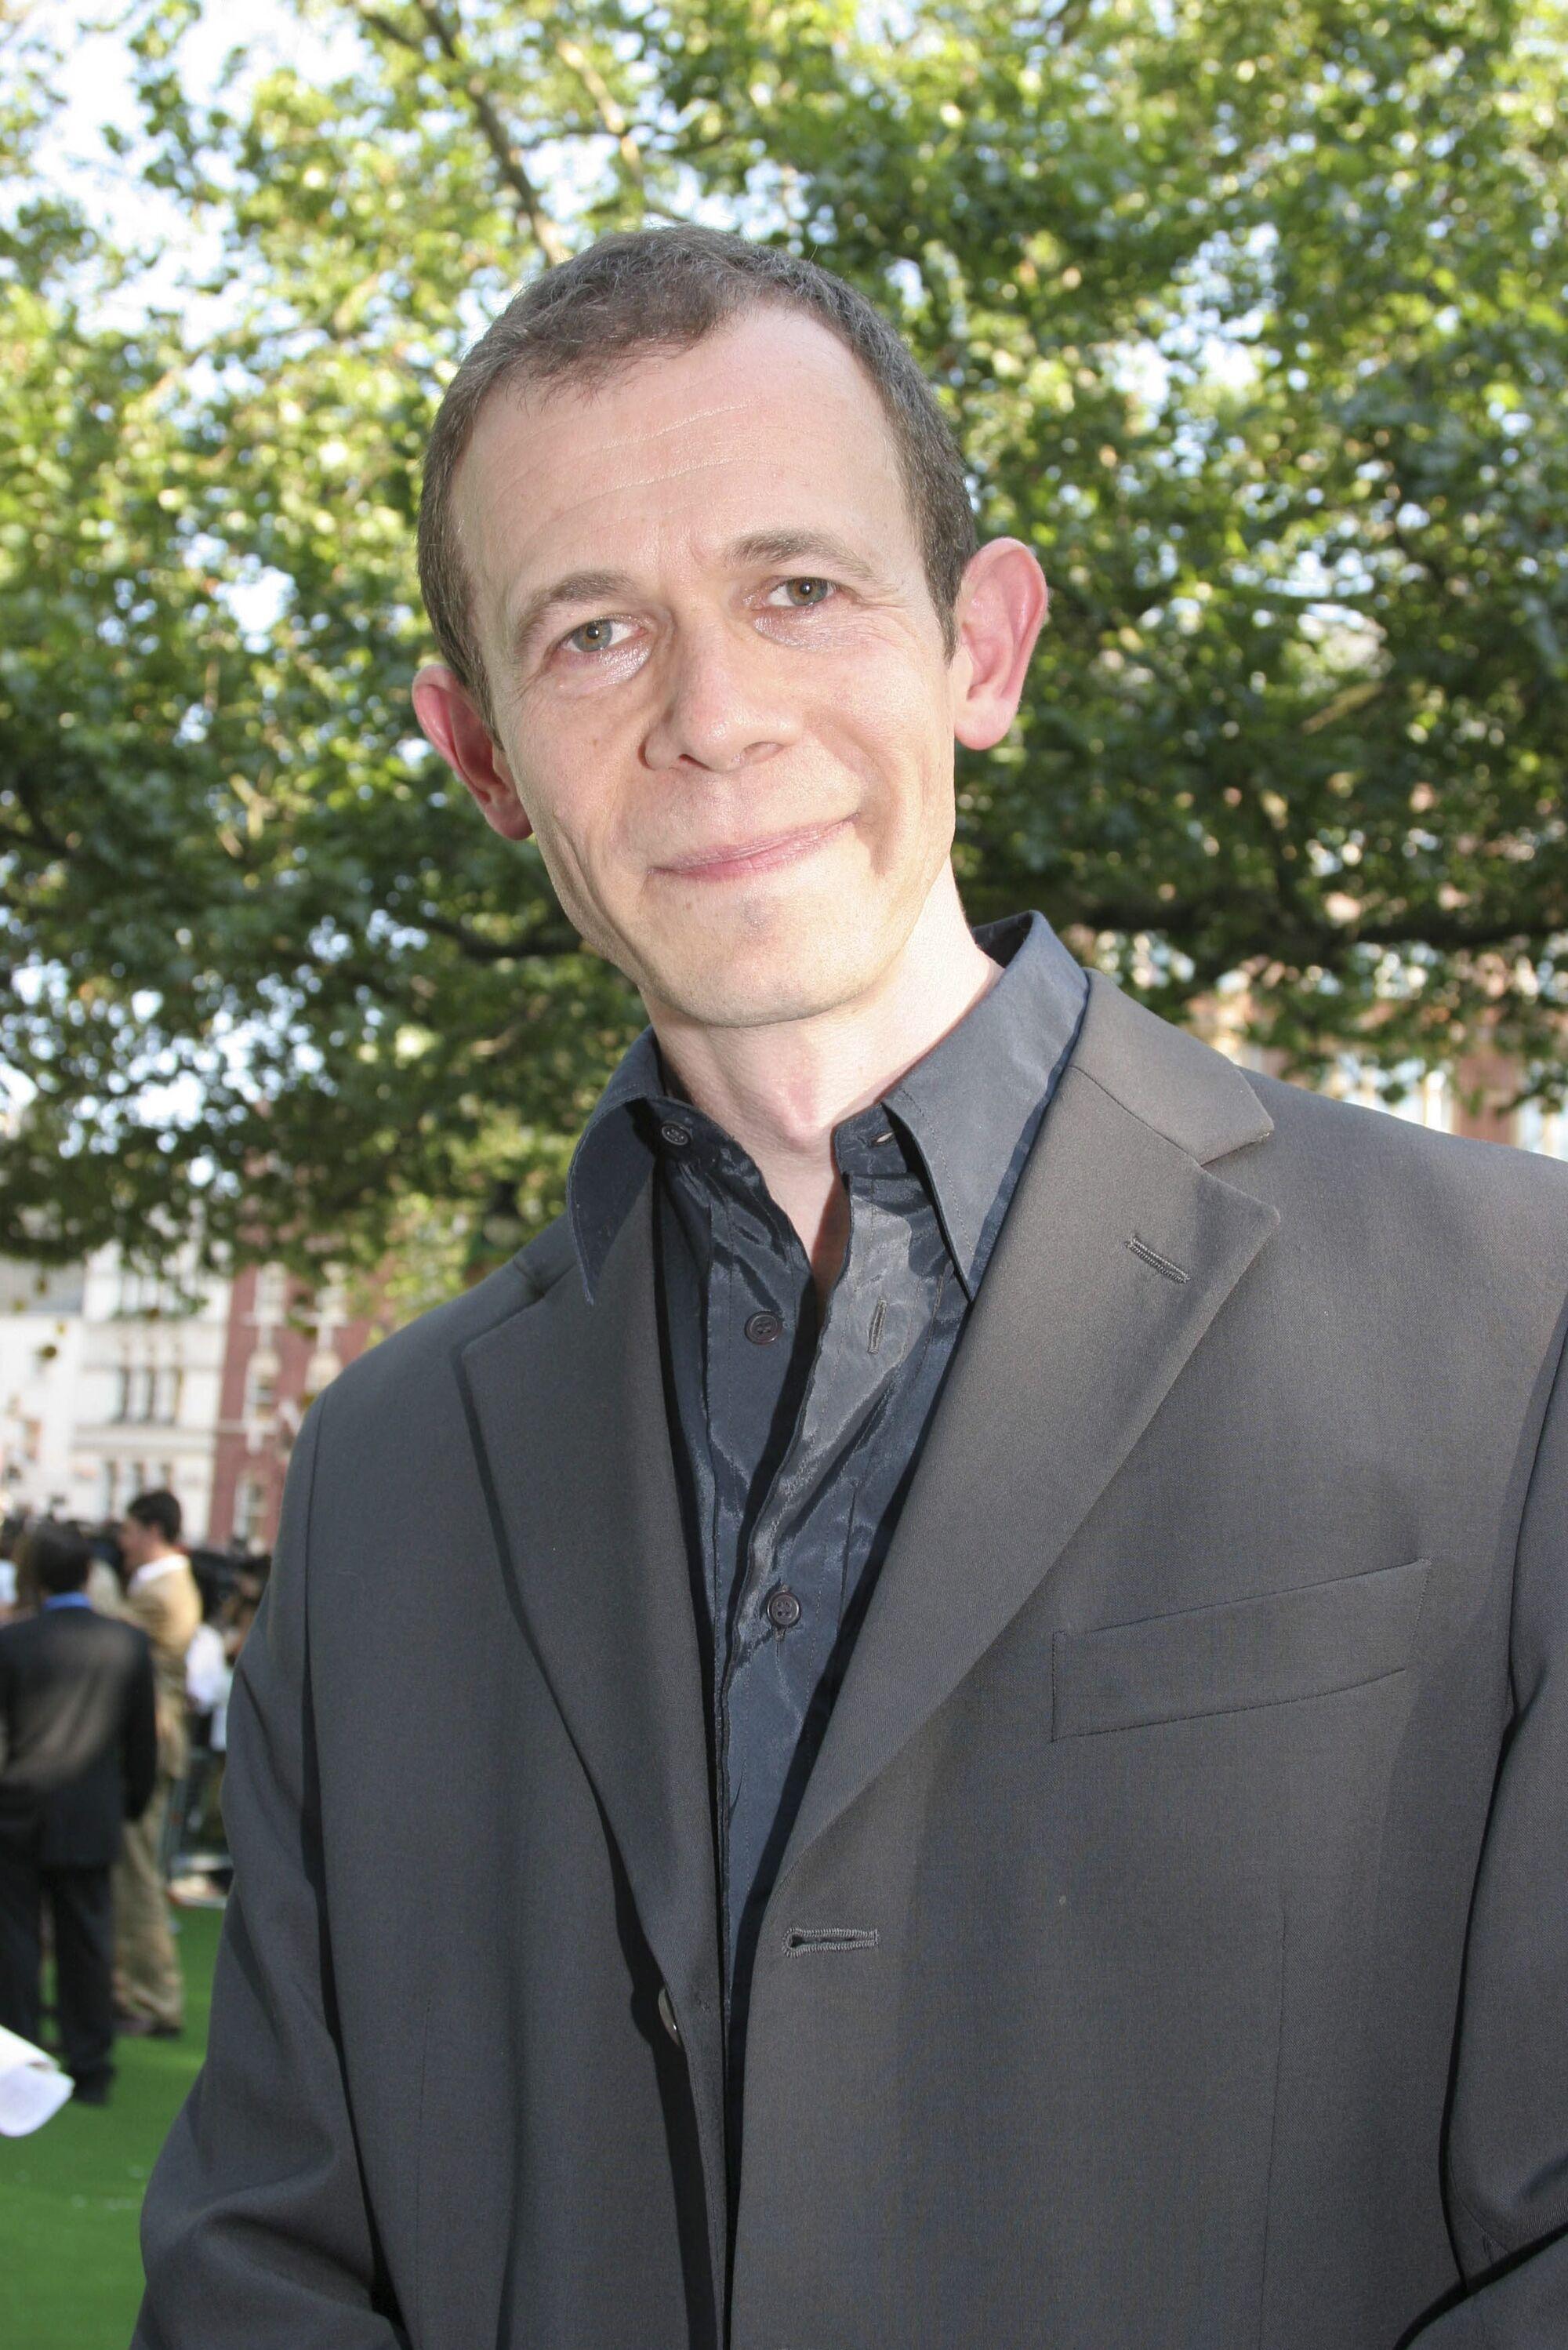 adam godley suits